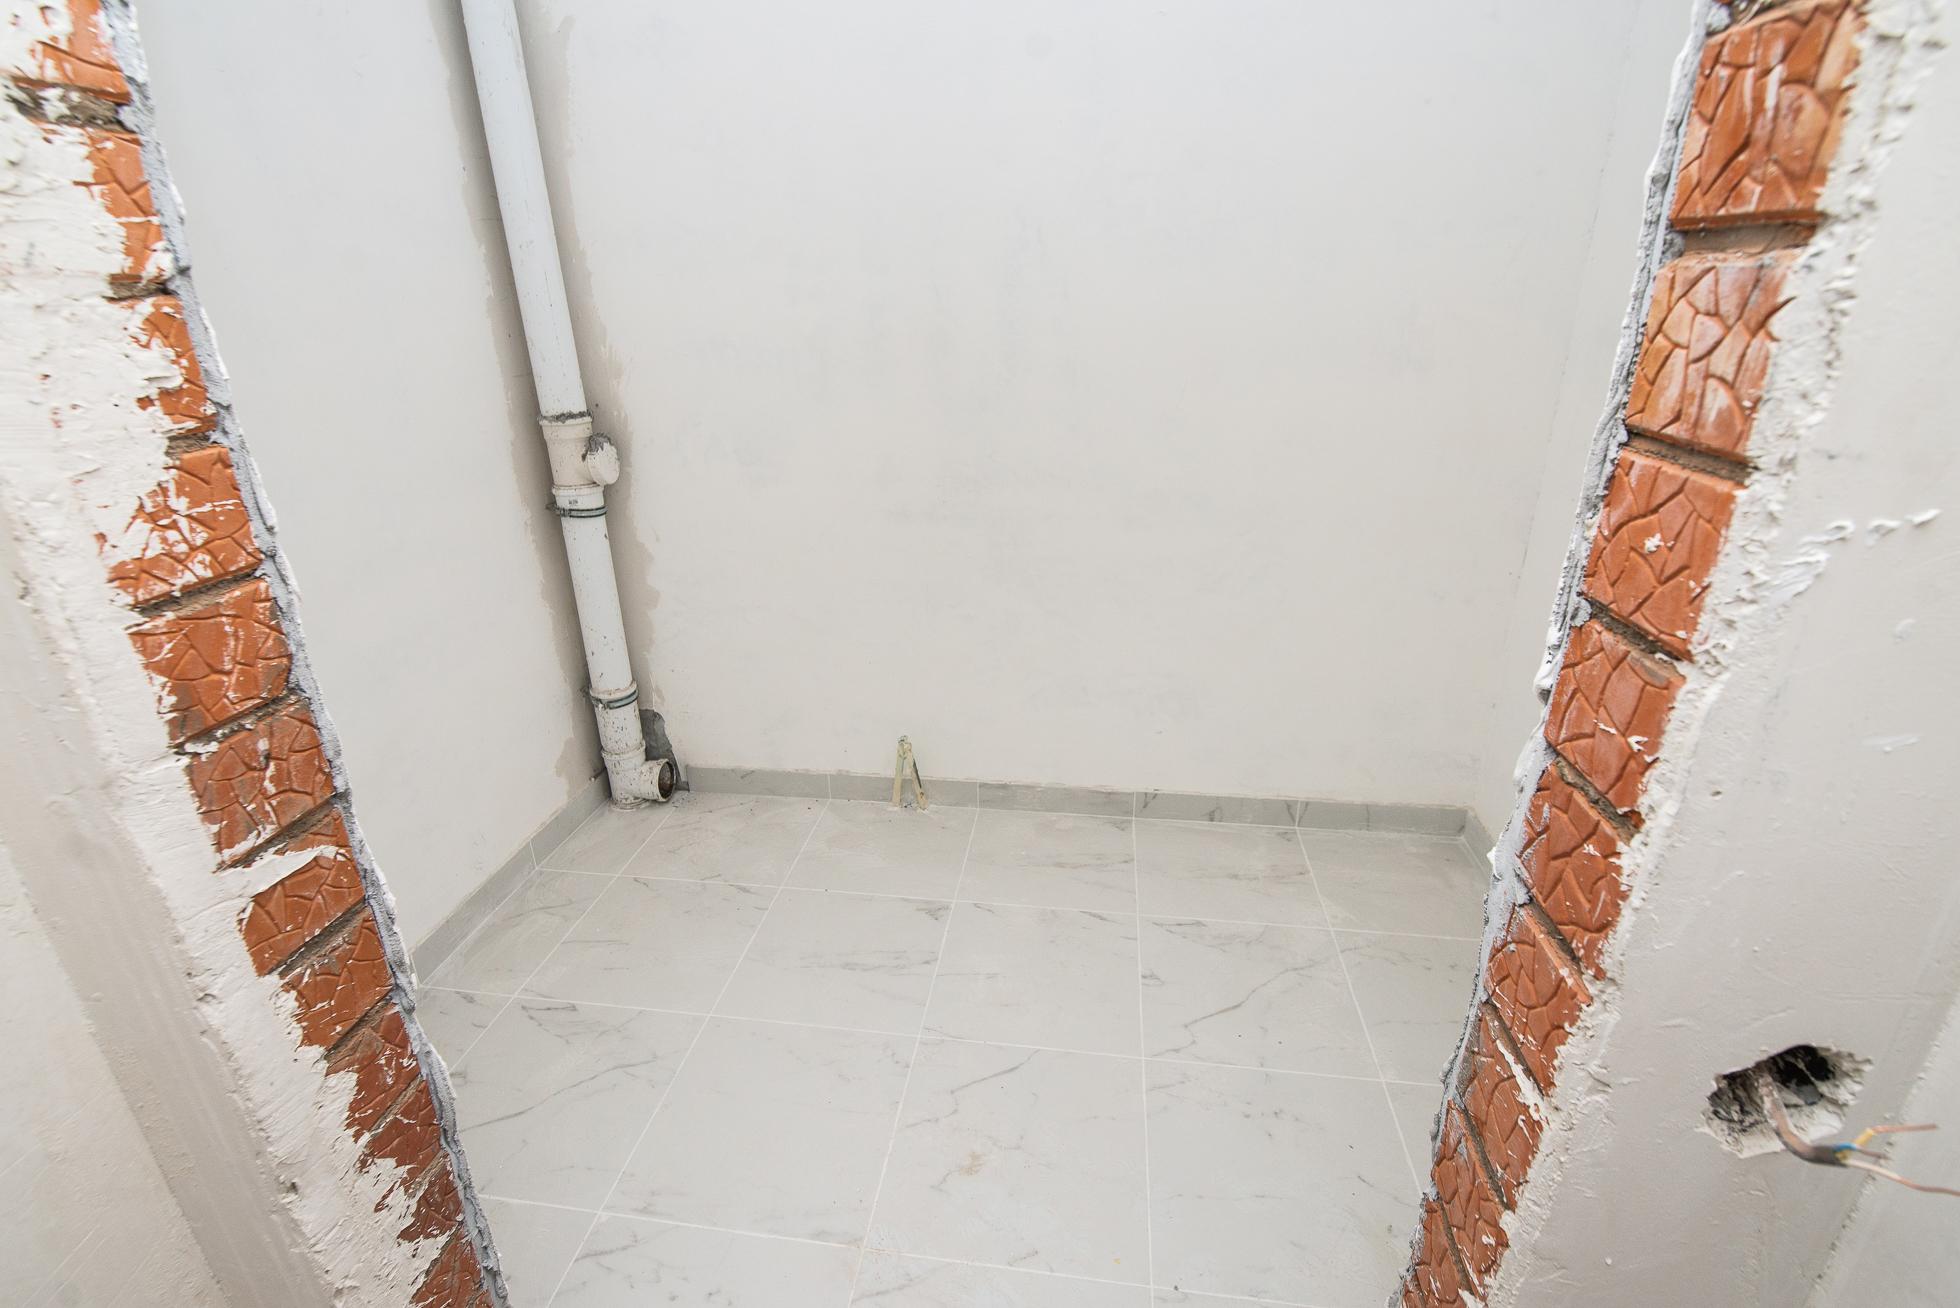 В квартирах установят полный комплекс сантехники: унитаз, раковину и ванну. Хотя обычно застройщики ставят только унитаз и раковину в гостевом санузле